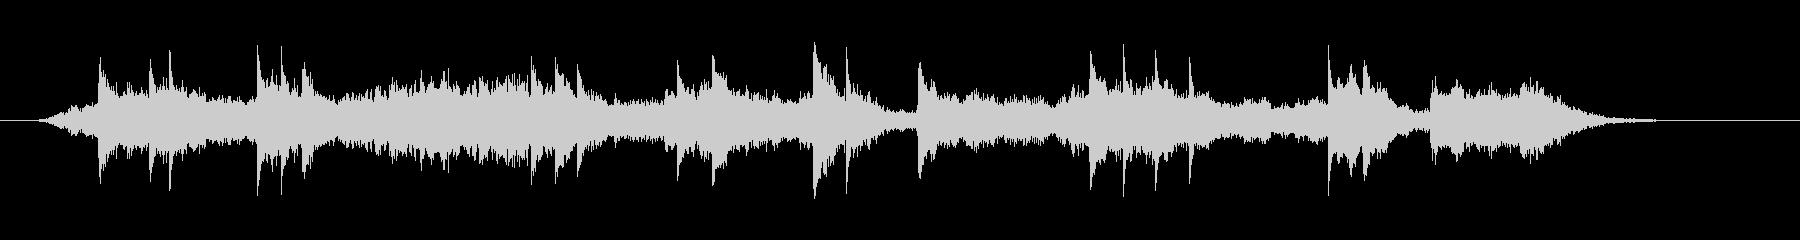 ピアノとシンセサイザーによるアンビエン…の未再生の波形